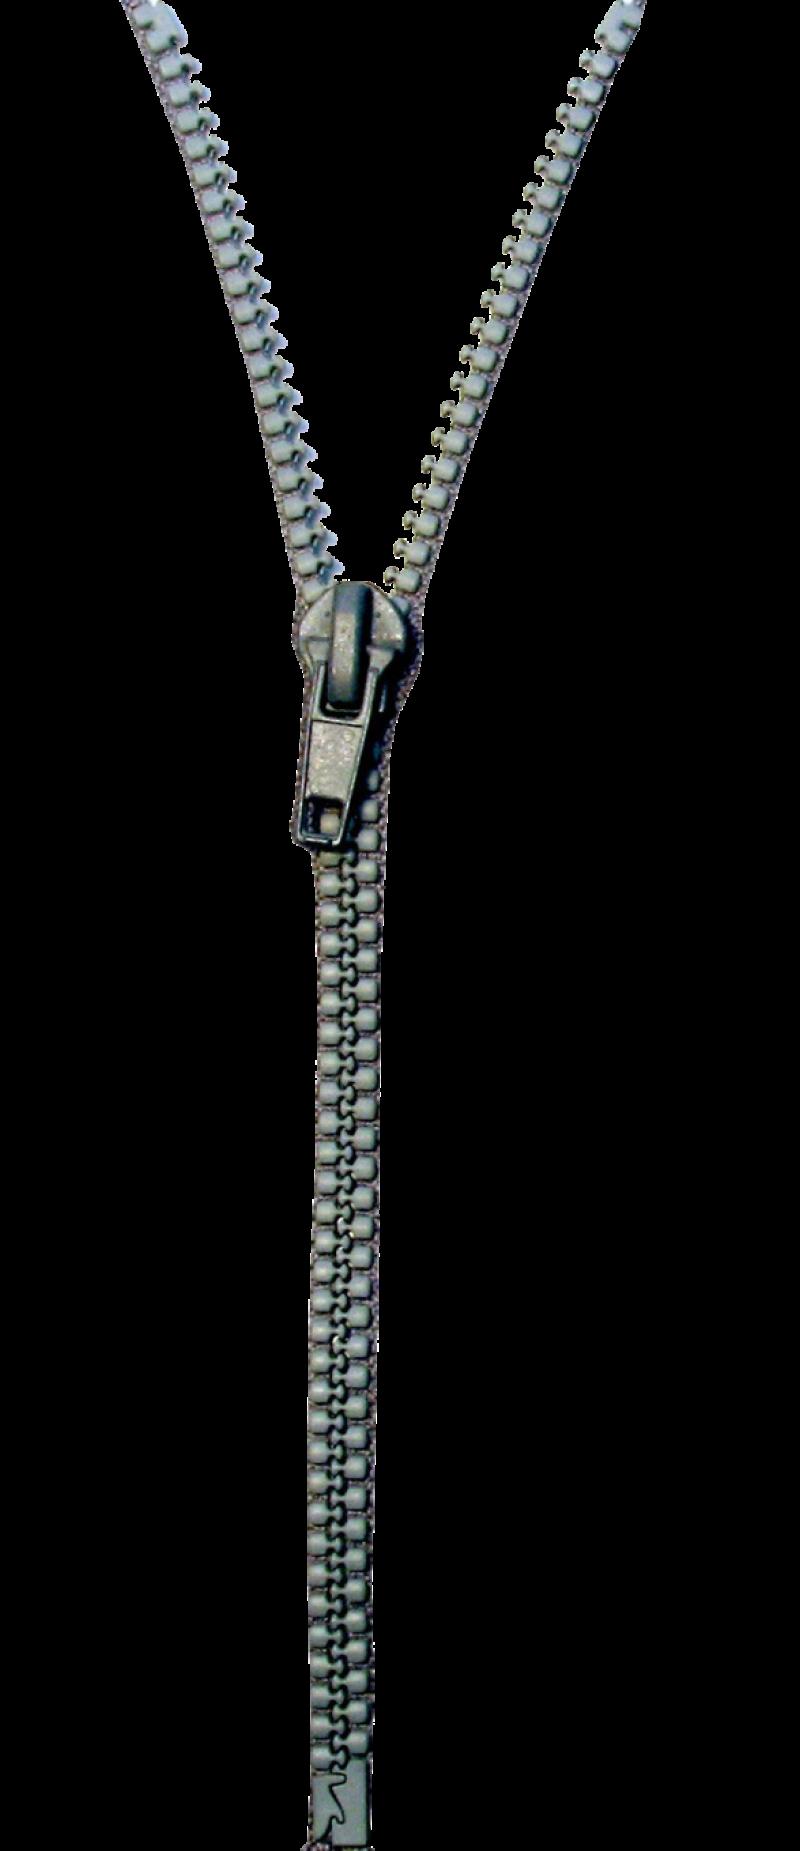 Zipper PNG Image